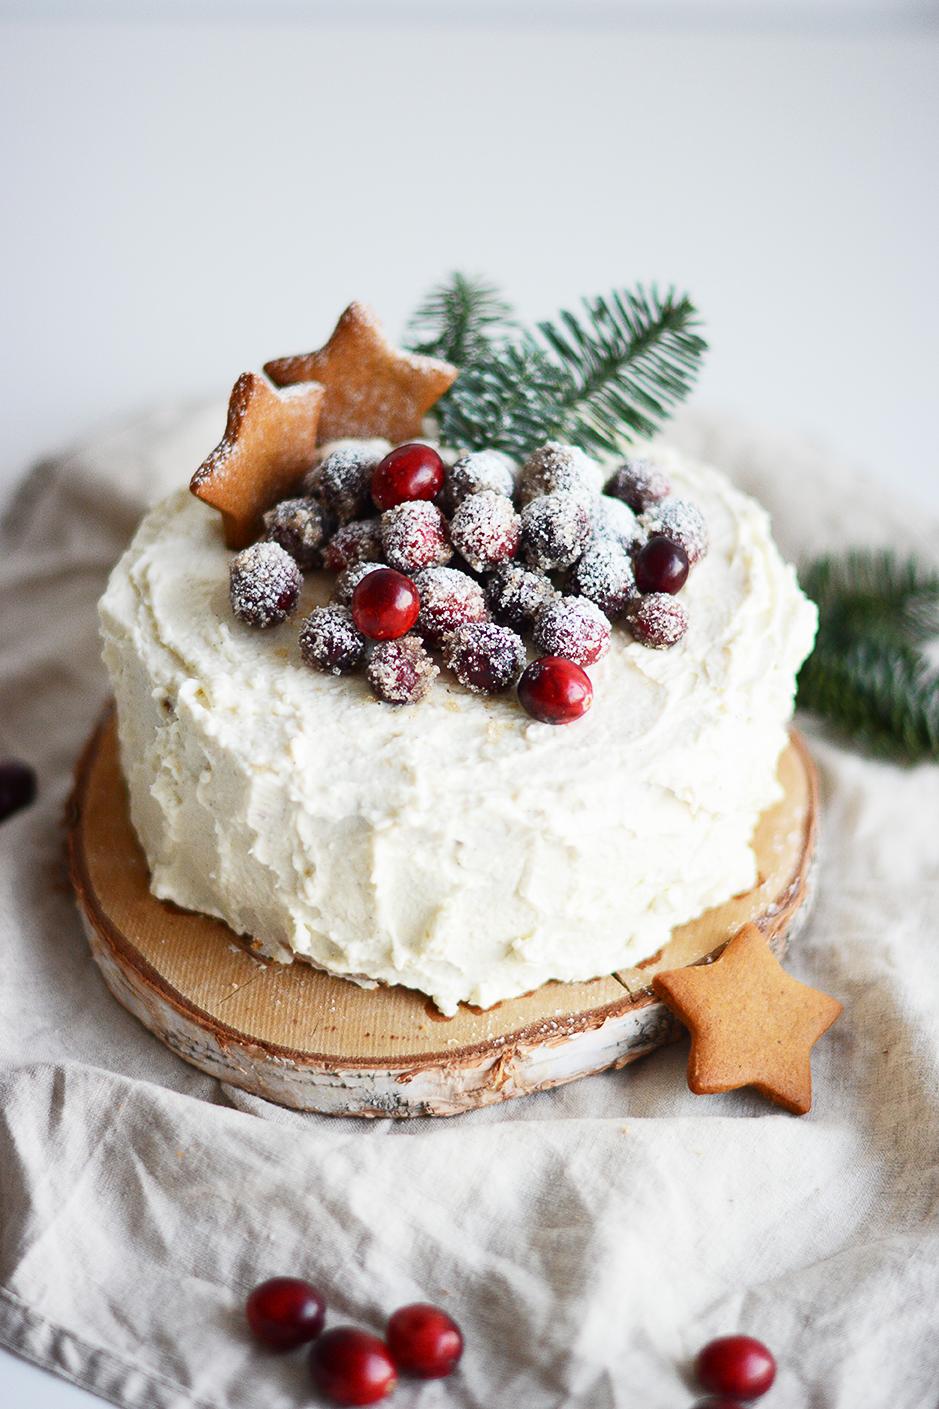 kokosova torta / coconut cake